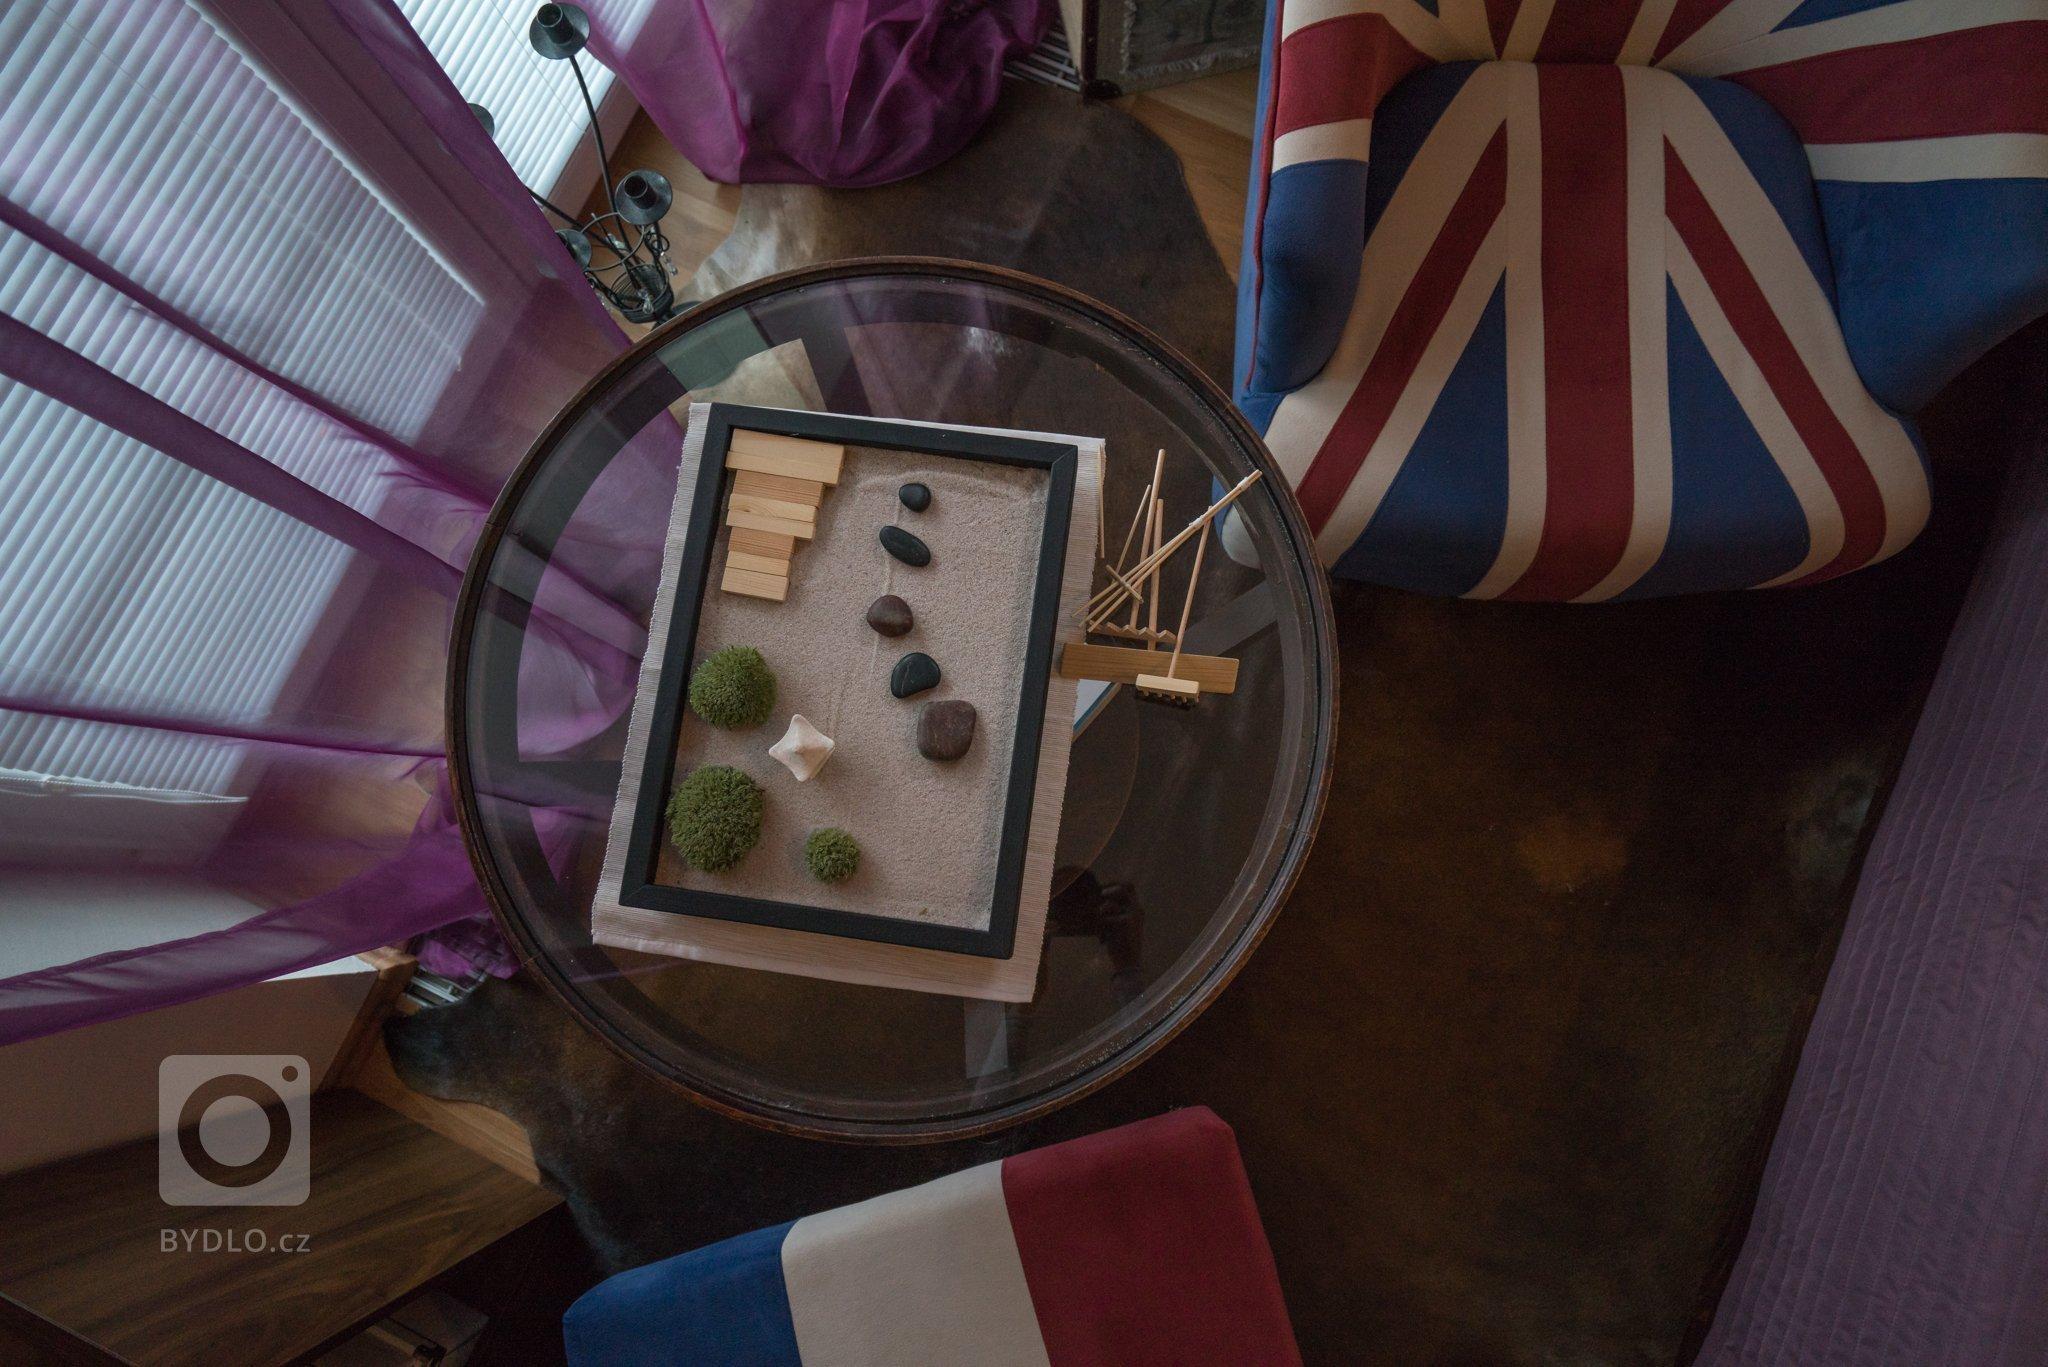 Kufry, trofej, kožešina, křeslo, anglická vlajka, suvenýry ze všech koutu světa. Magická fialová barva. Co víc dodat …